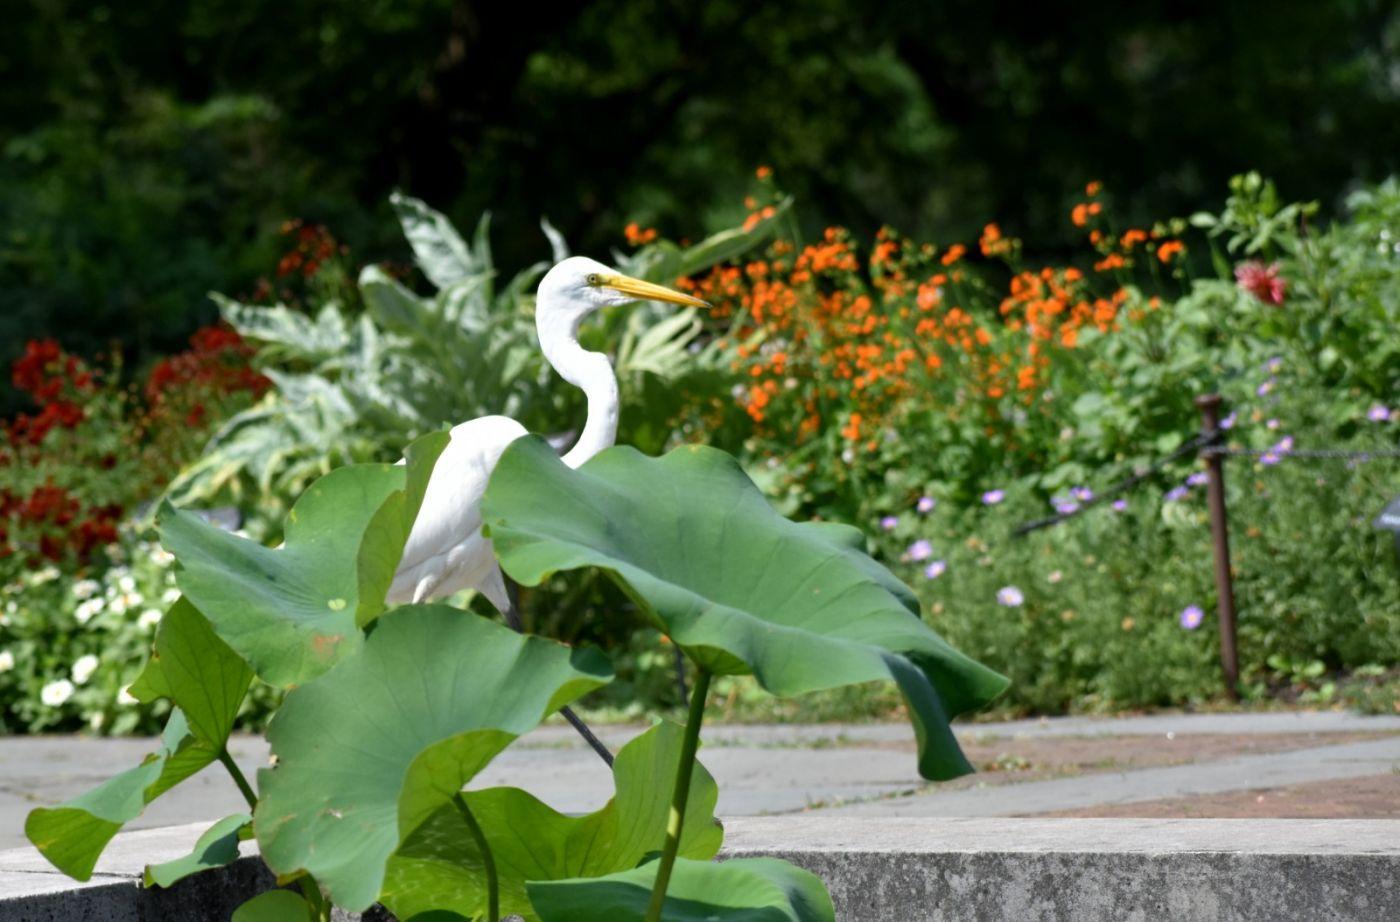 白鹭来花园赏花_图1-4